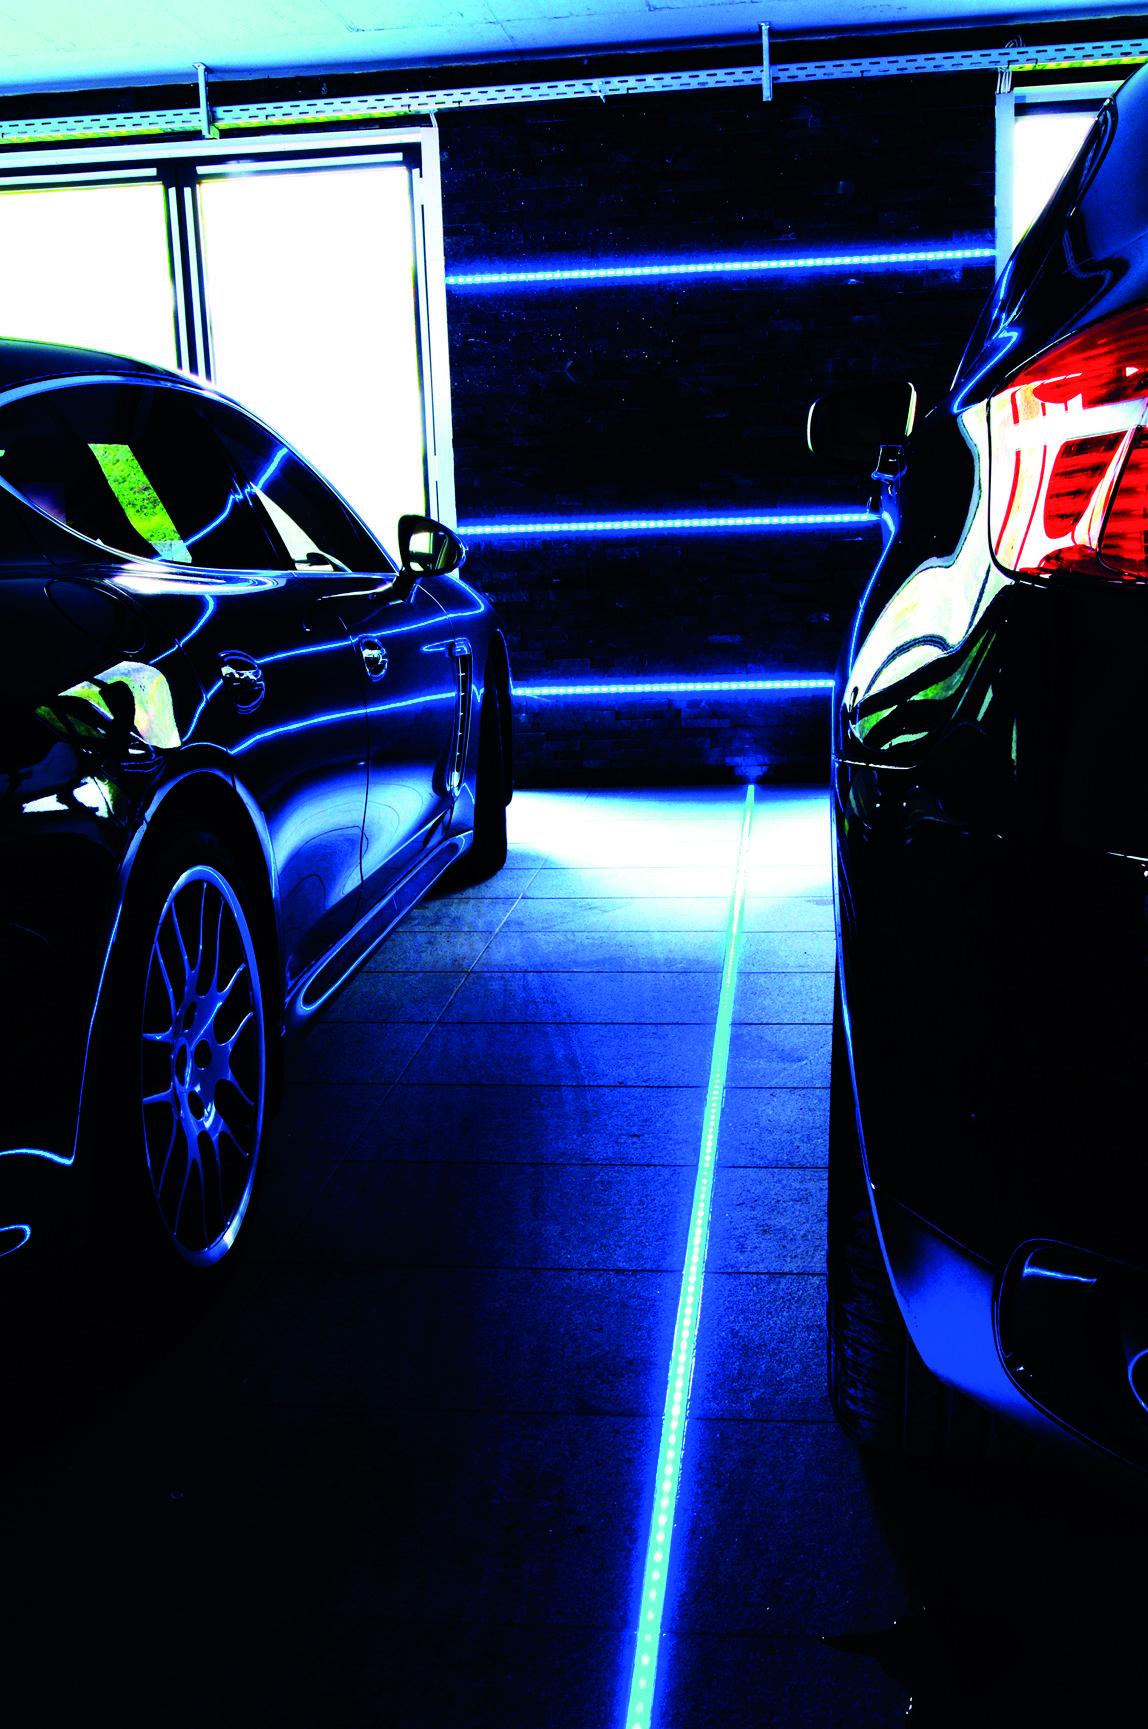 Akzentbeleuchtung In Der Garage Mit Ip Profilen Von Reprofil Reprofil Profil Led Einbau Outdoor Garage E Garage Beleuchtung Garage Einfahrt Led Stripes